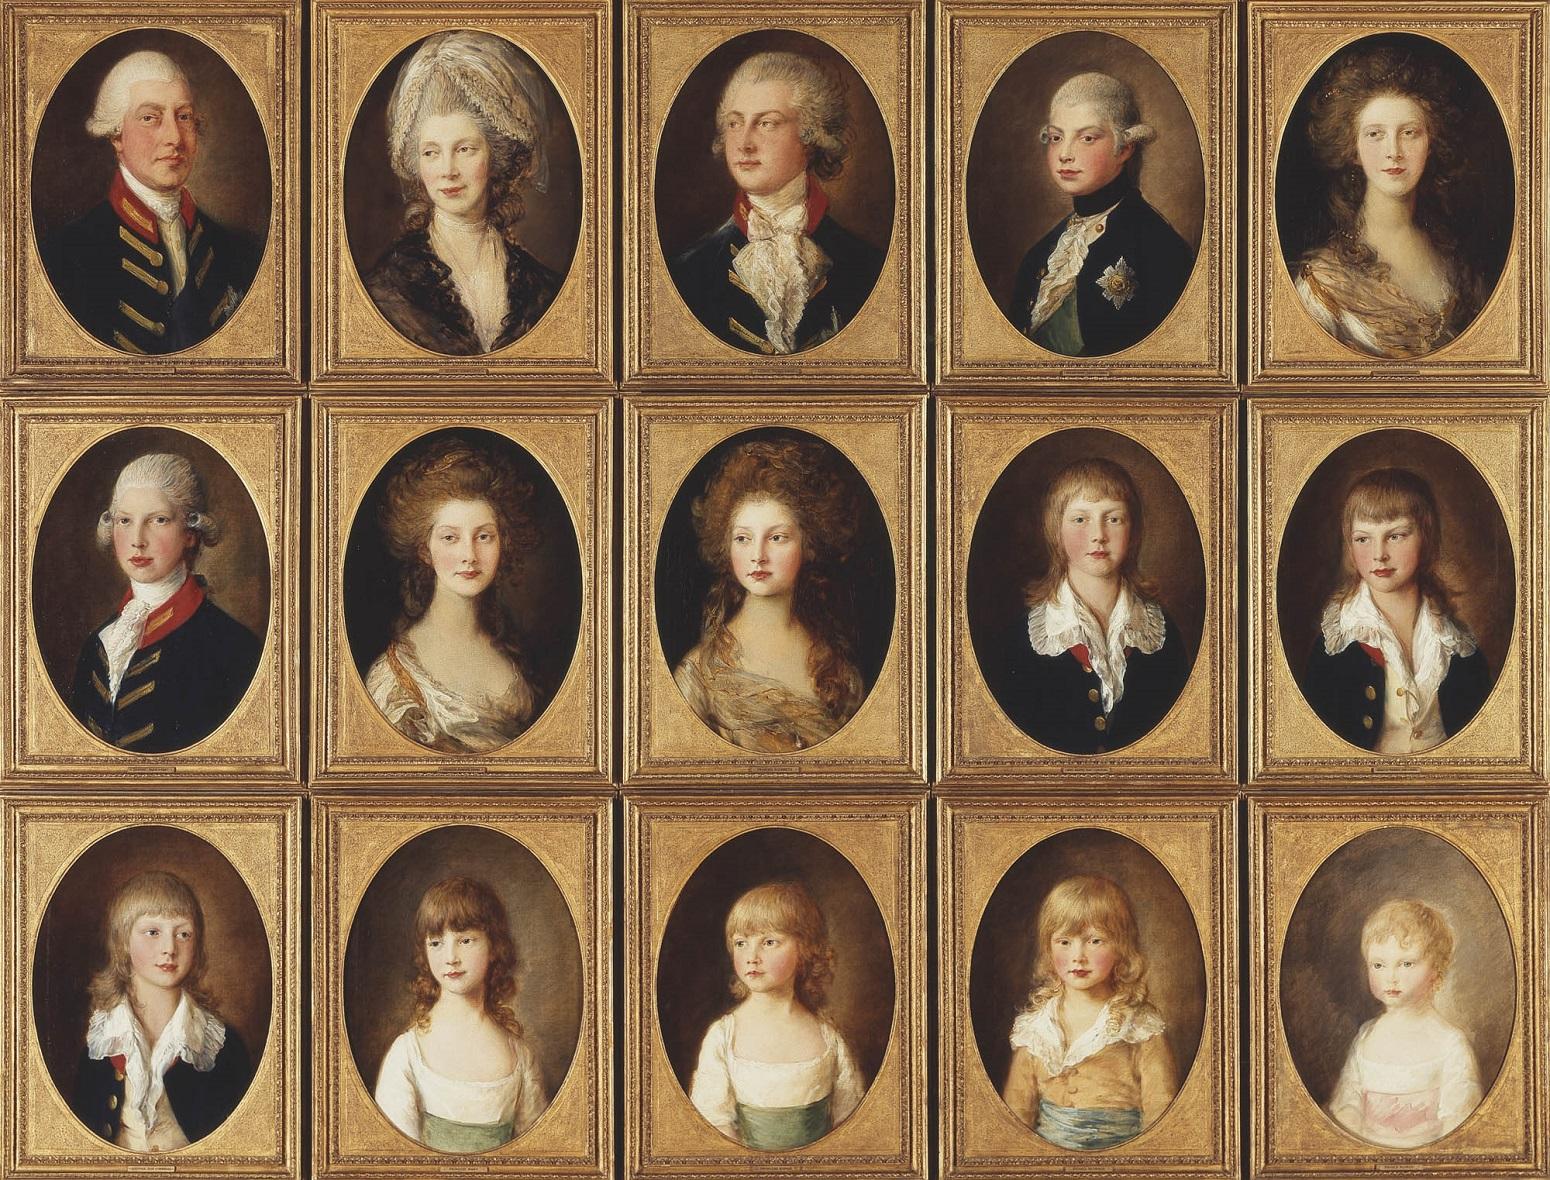 Свадебный подарок королевы Гарри и его невесте: титулы, которые не 325144-1348053185.jpg